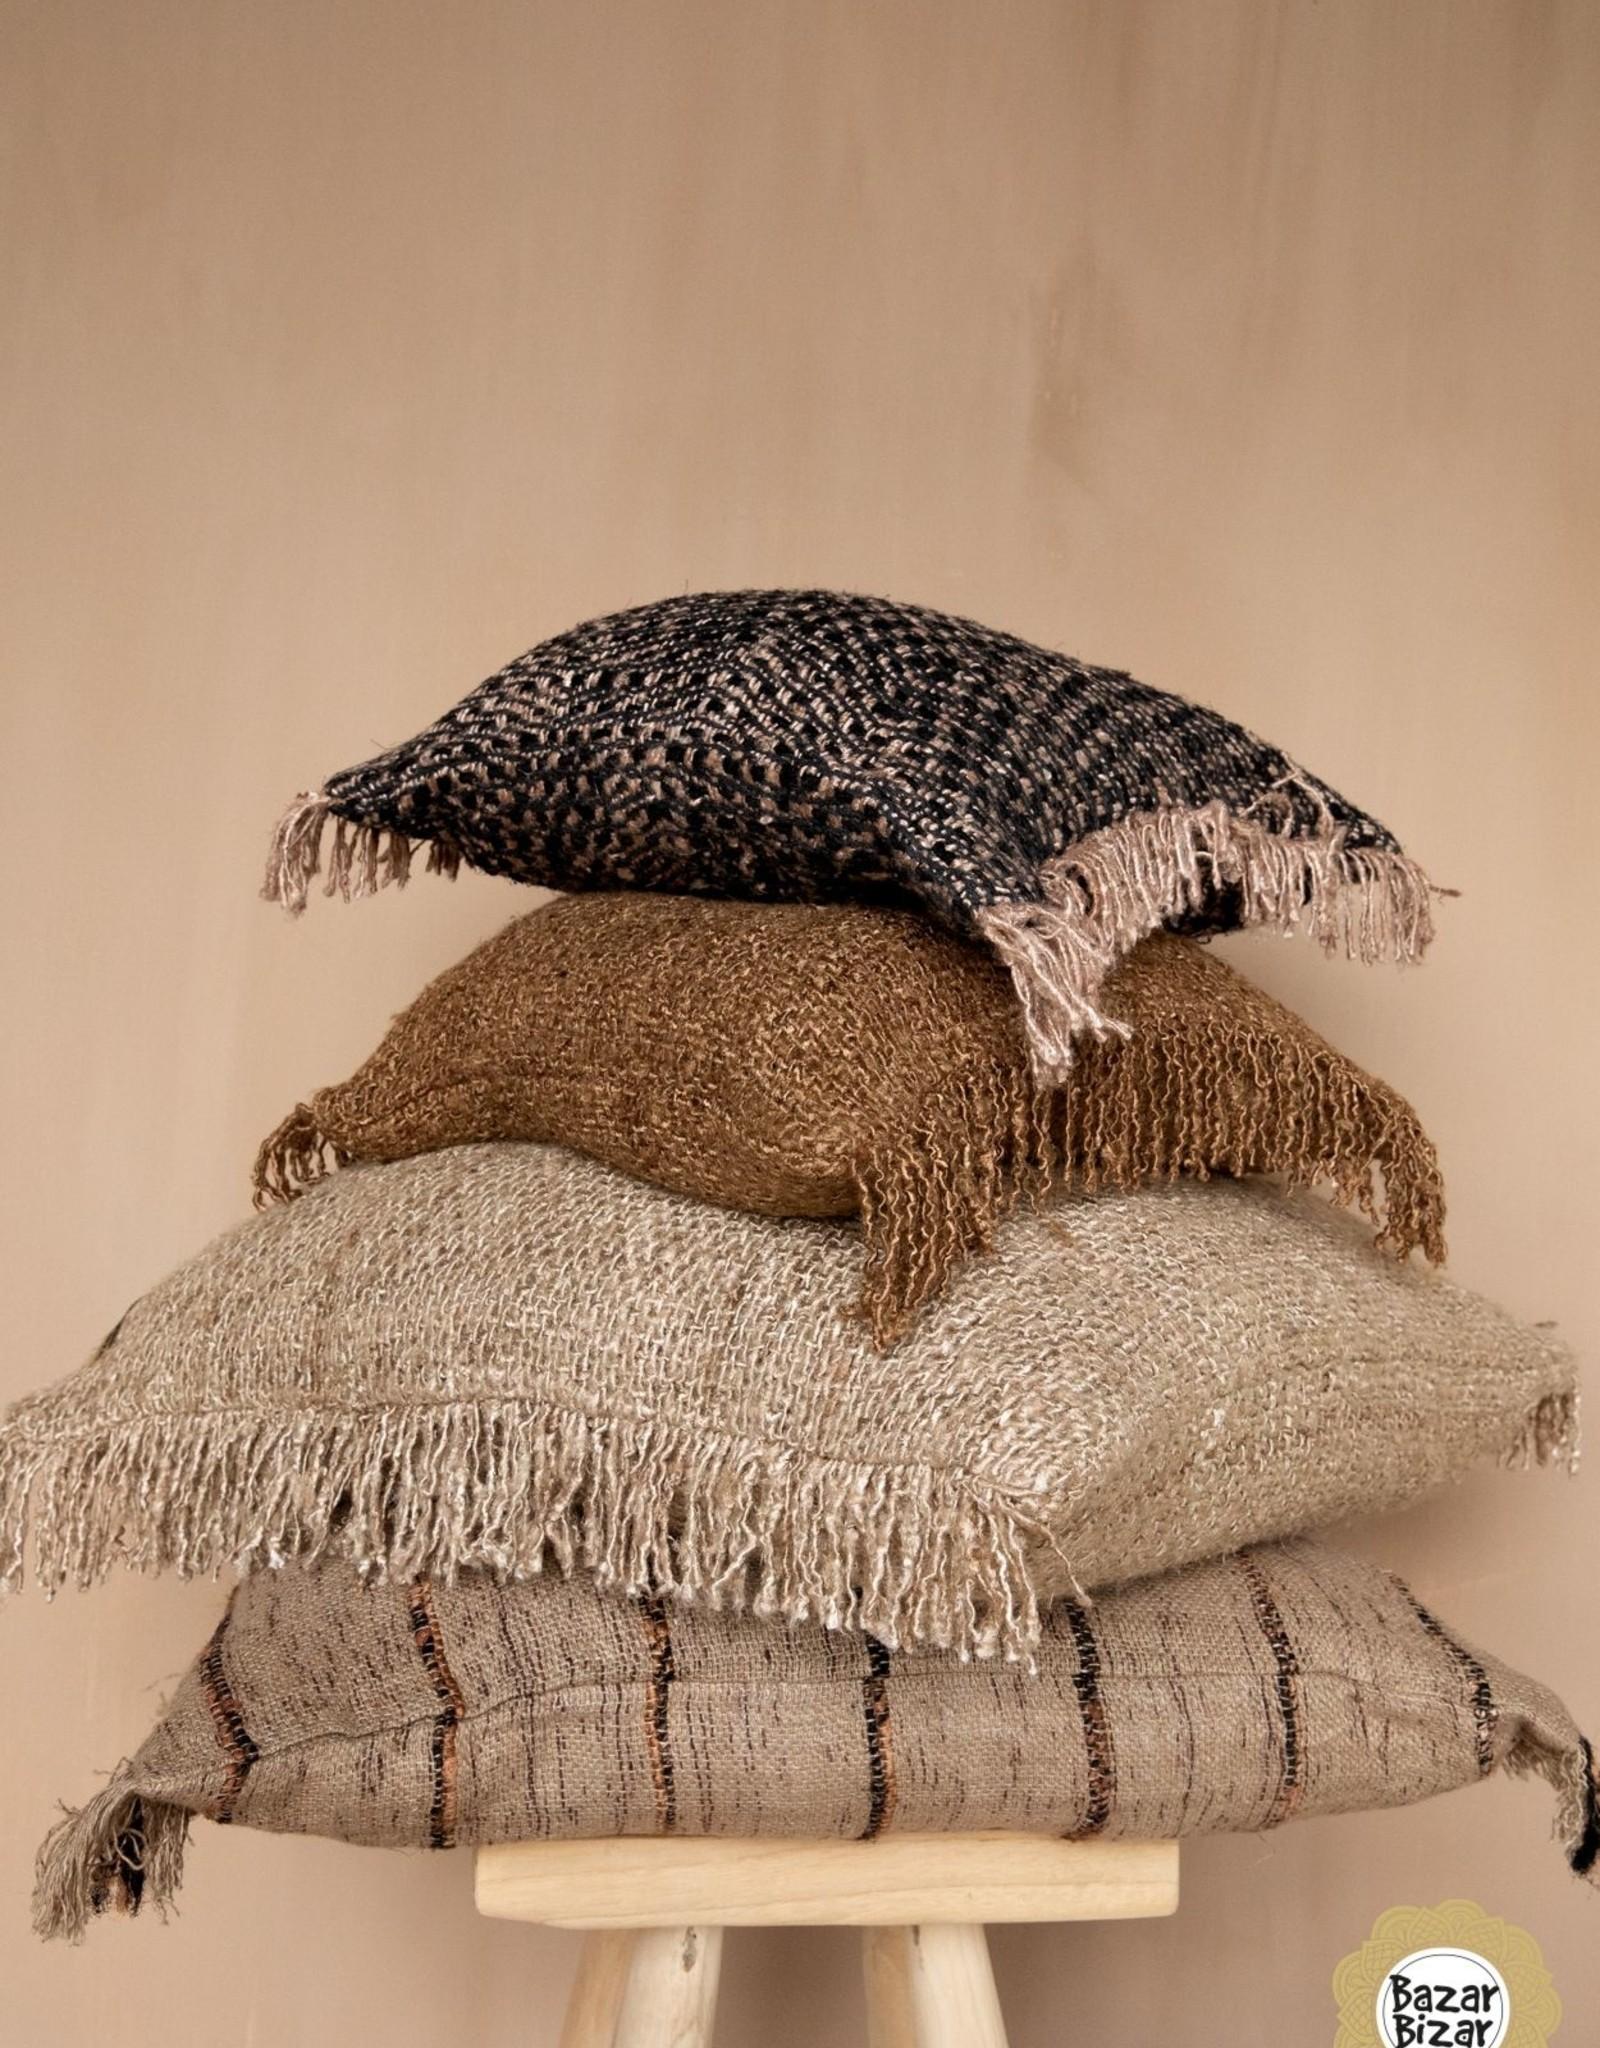 Bazar Bizar The Oh My Gee Cushion - Black/Copper  40x40